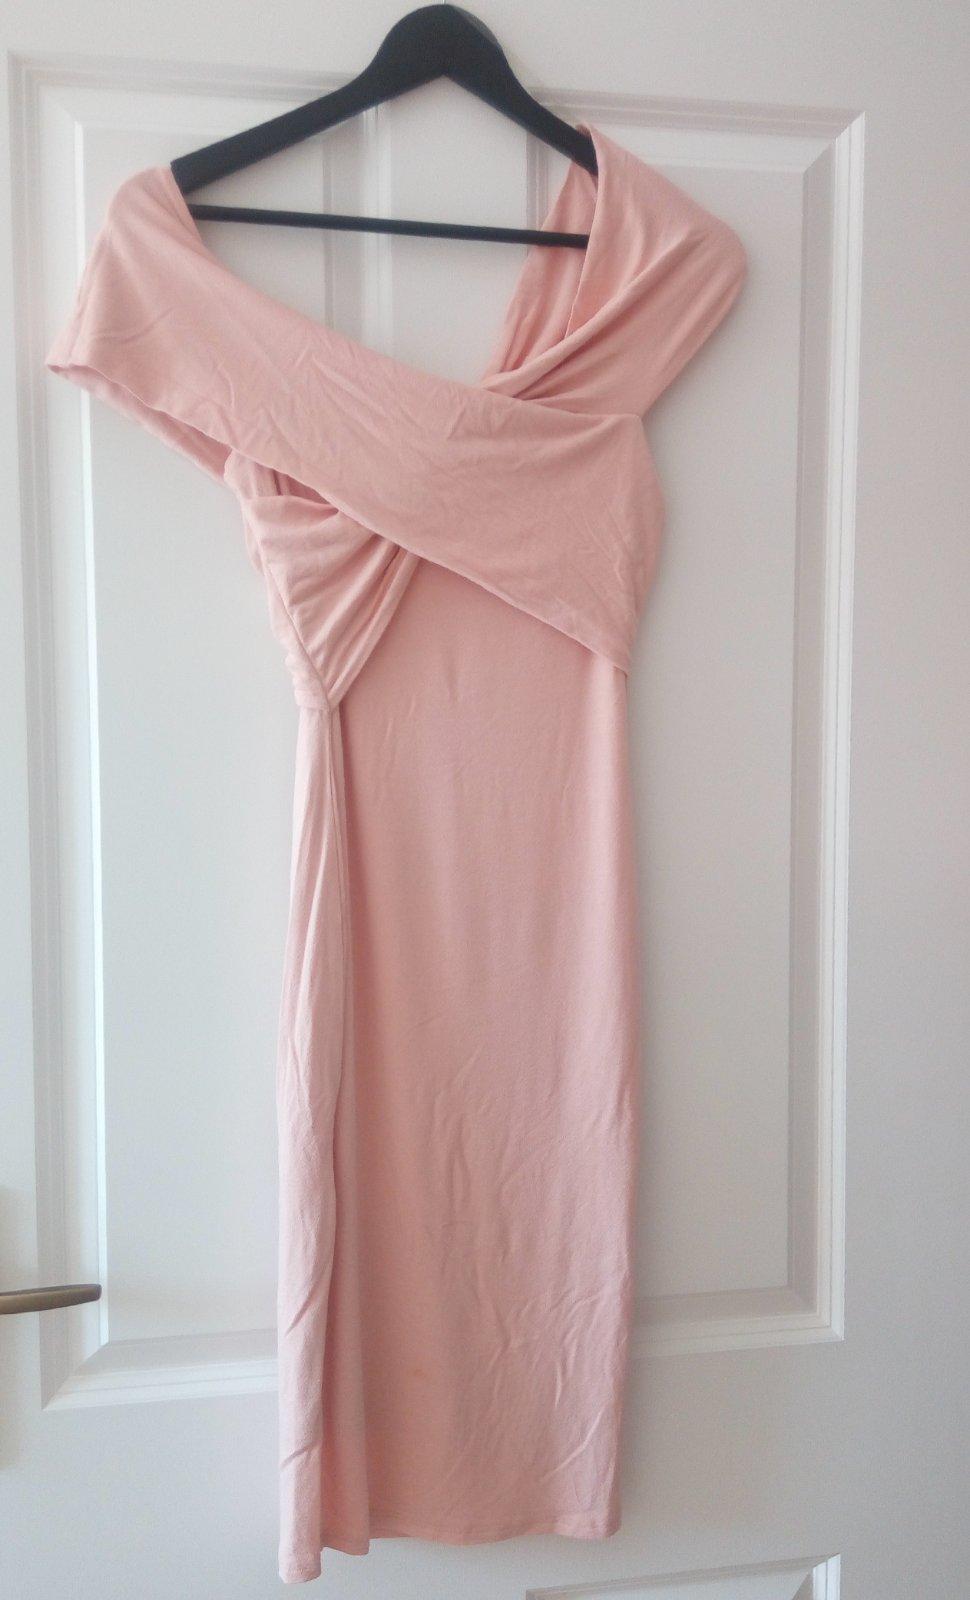 Bledoružové šaty XS/S - Obrázok č. 1